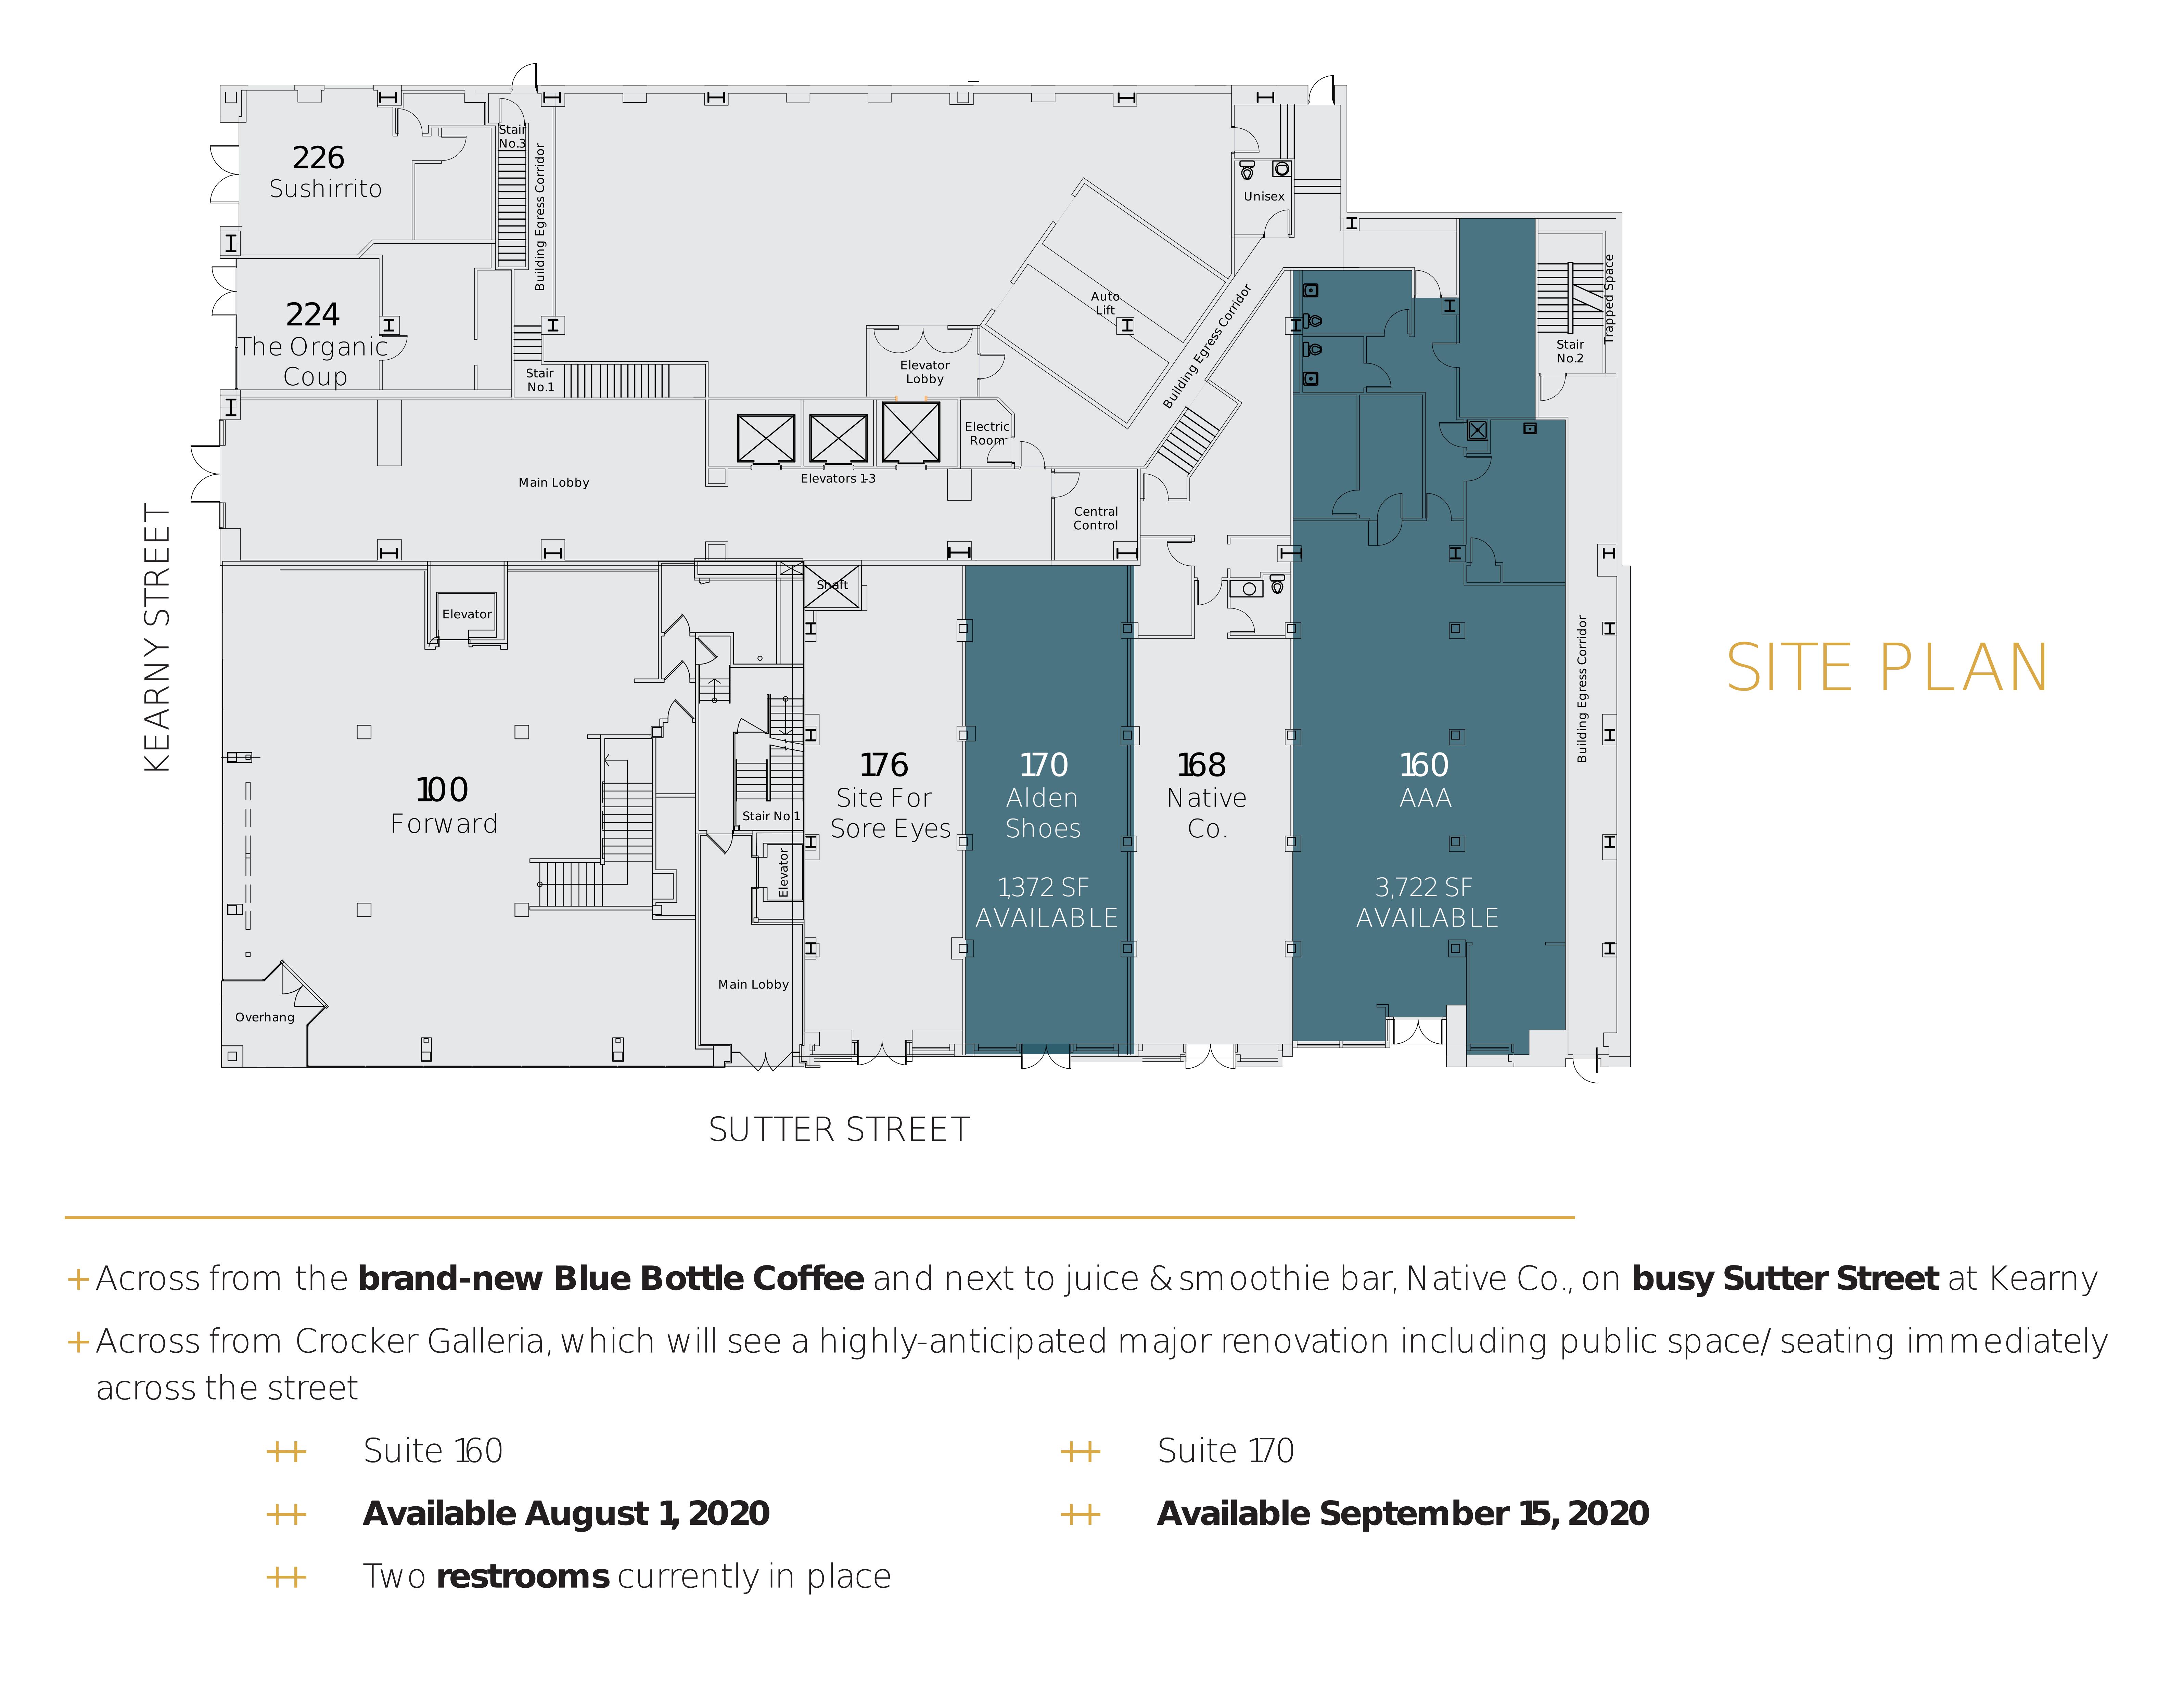 222 Kearny & 180 Sutter Street: site plan